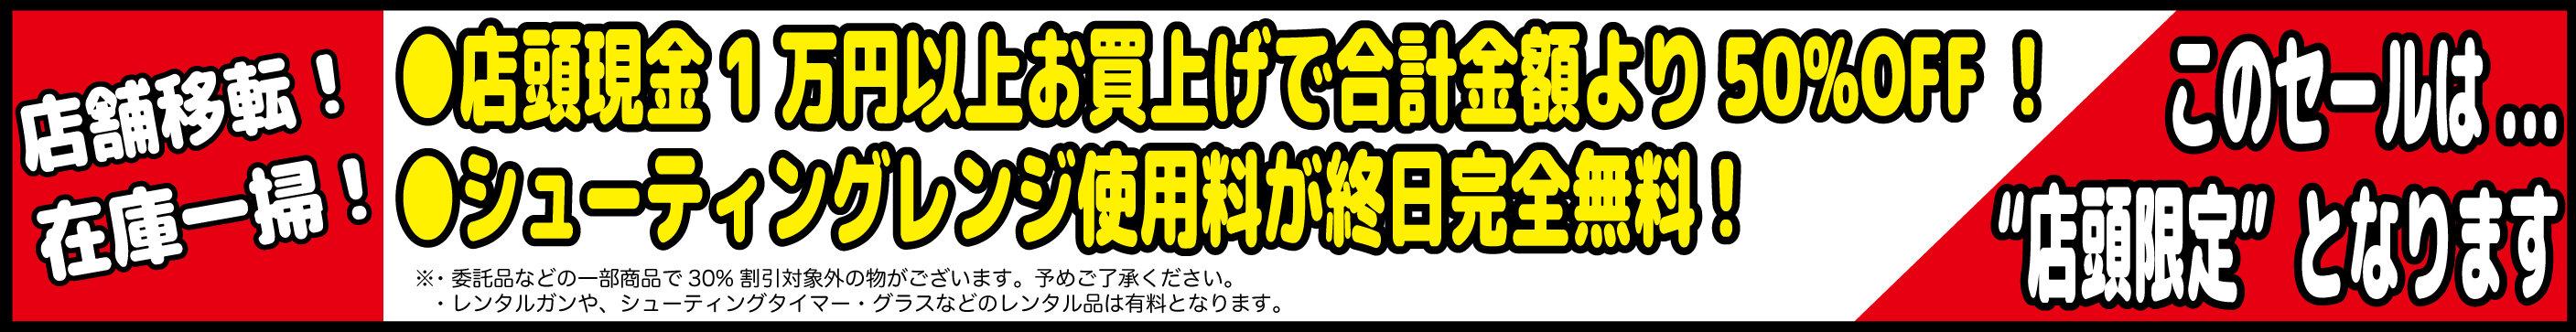 店舗移転セール店頭50%OFFISKY.DEPO